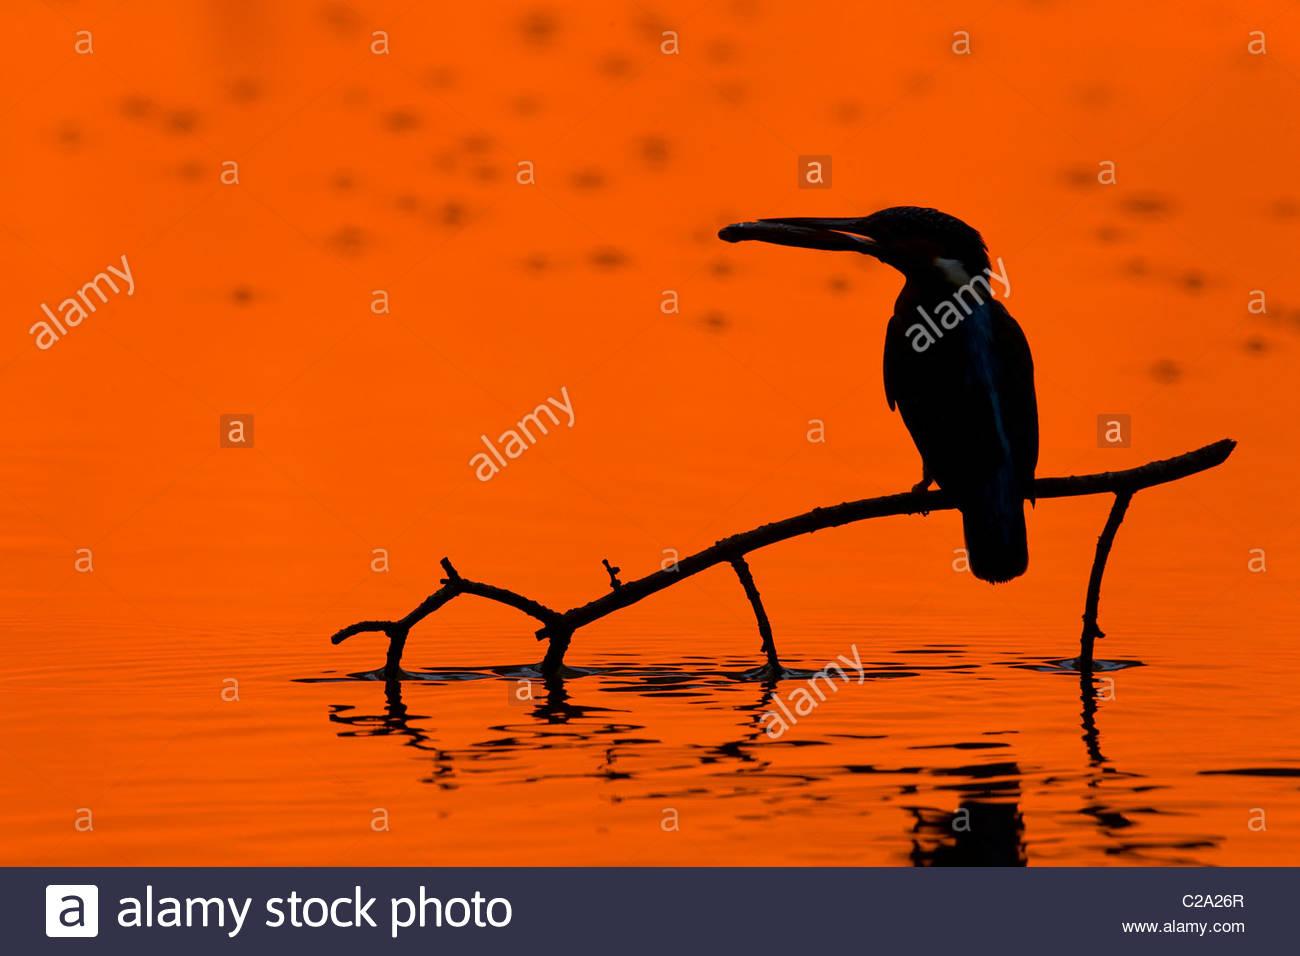 Erwachsene männliche Eisvogel, Alcedo Atthis, hält einen Fisch bei Sonnenuntergang. Stockbild